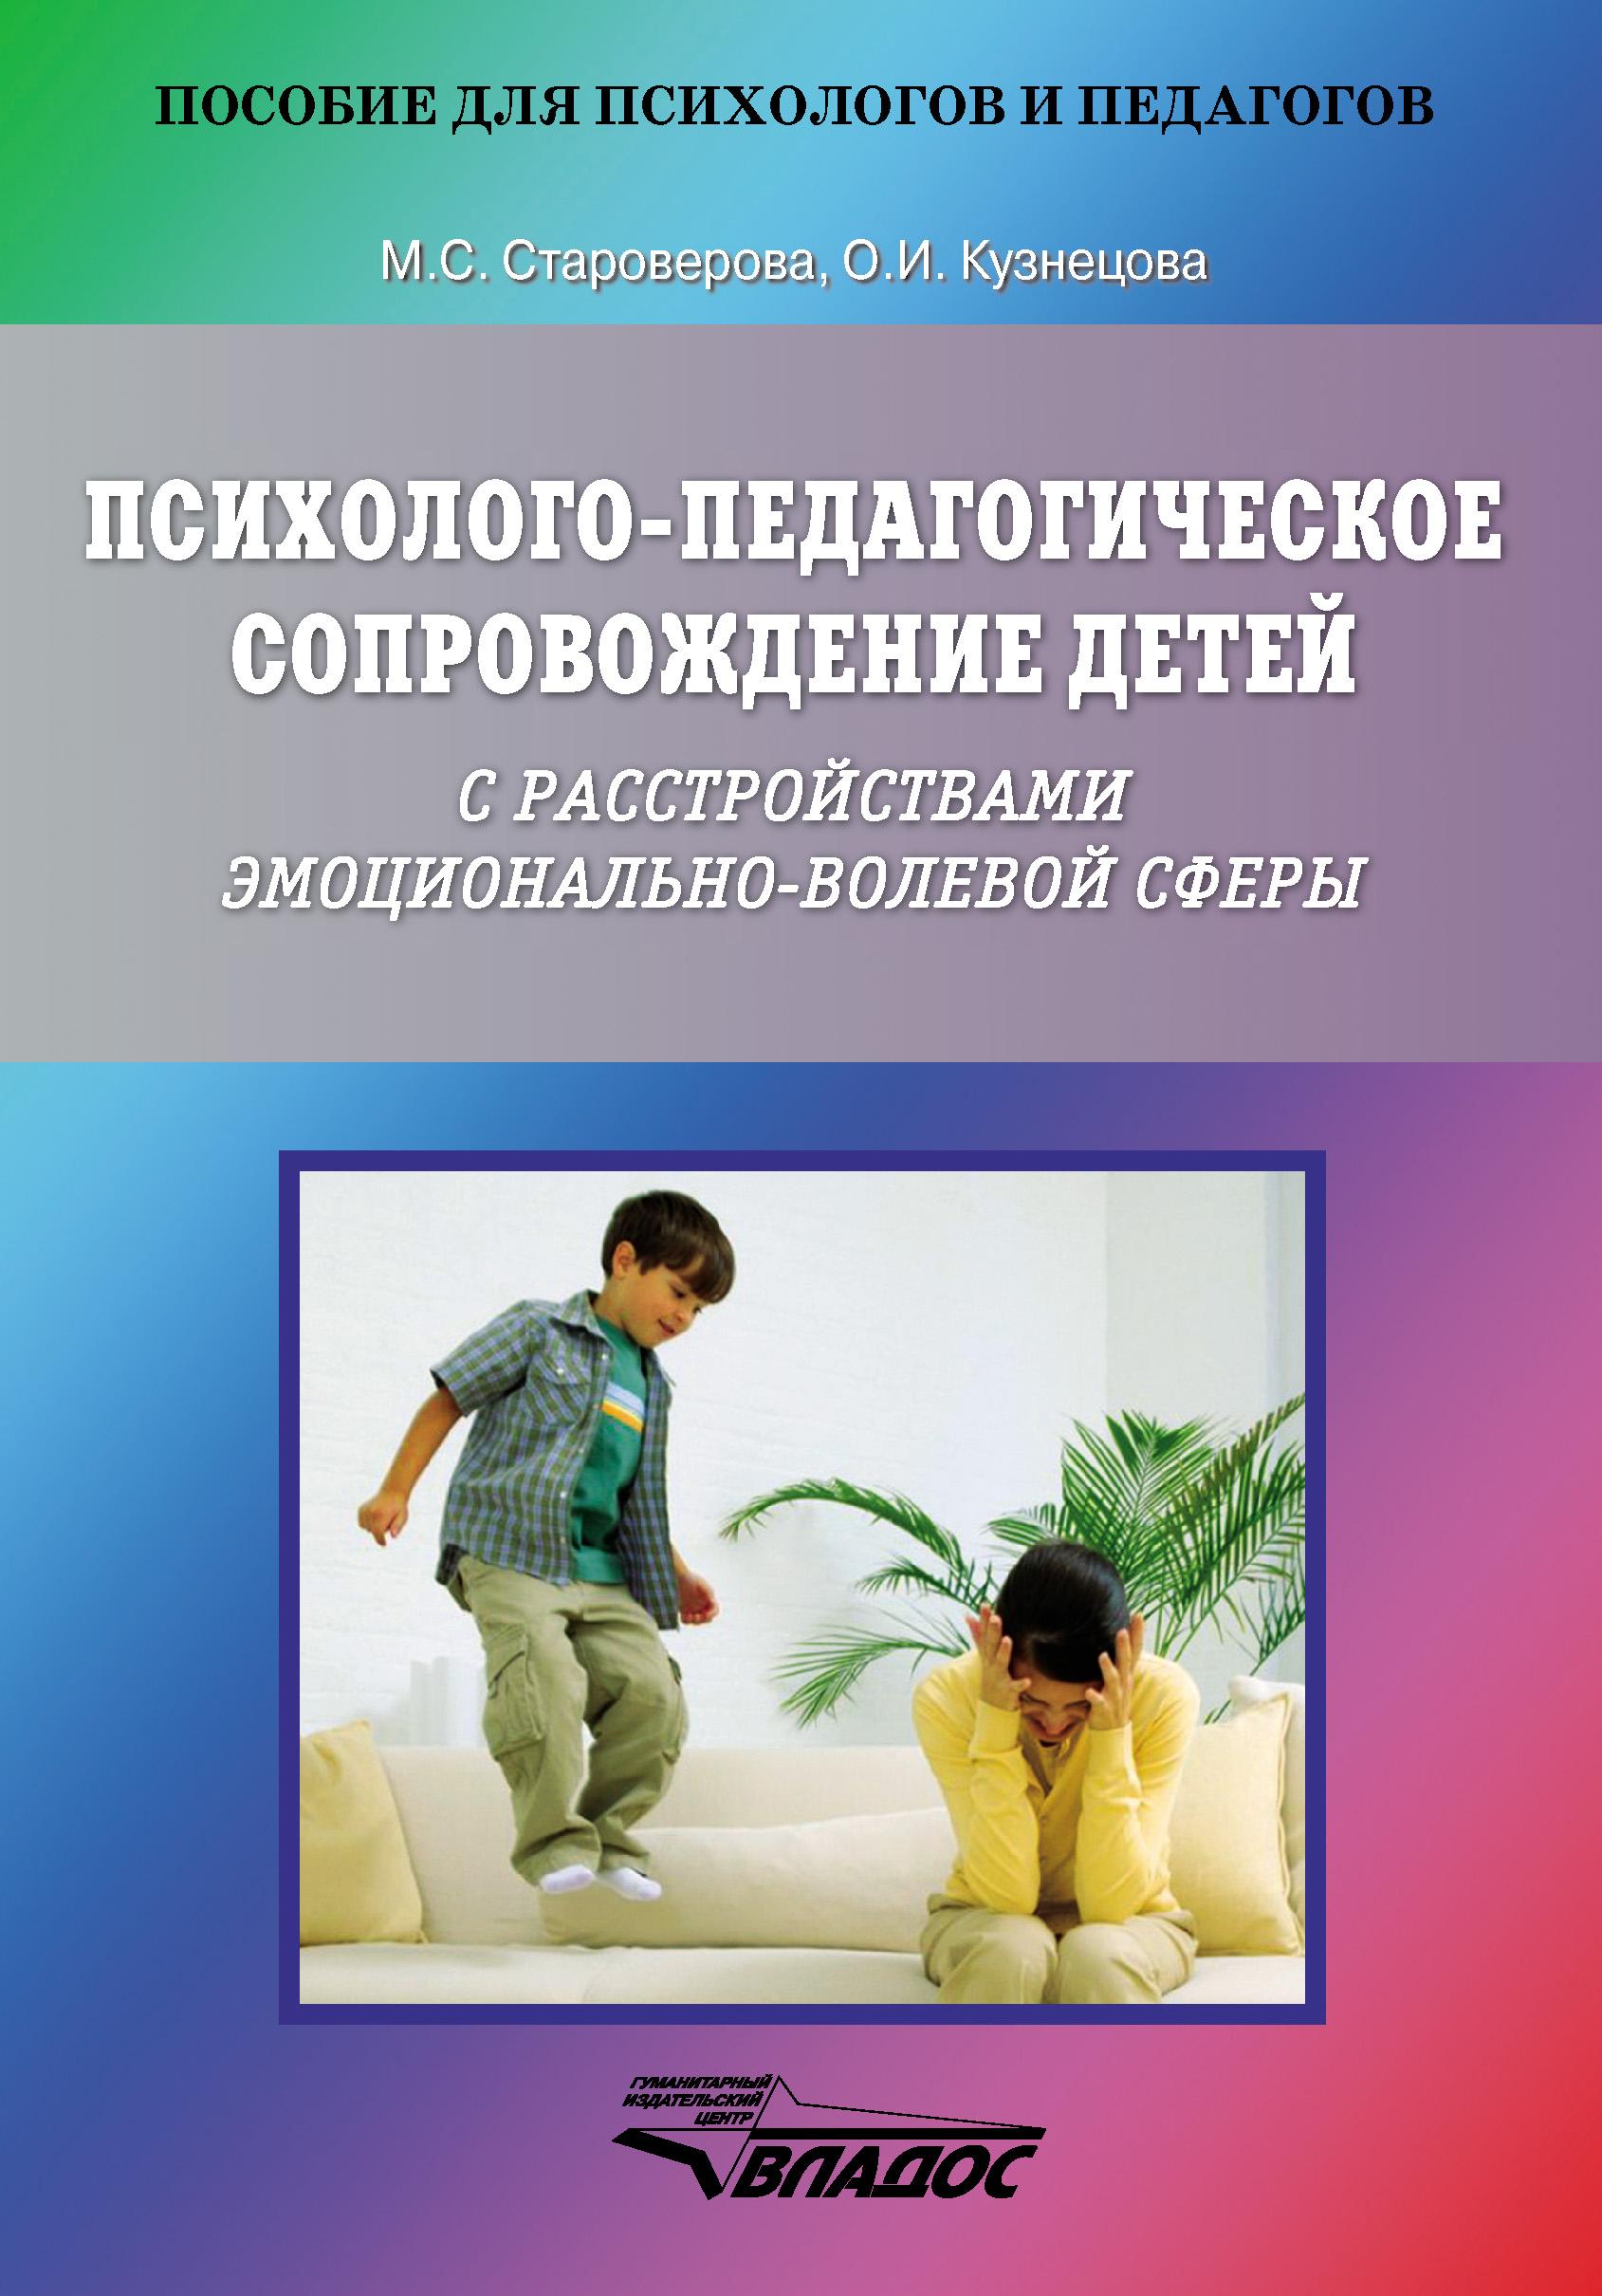 Жиздра с участием 20 родителей: такие люди чувствуют себя беспомощными, неспособными справиться с жизненными трудностями.